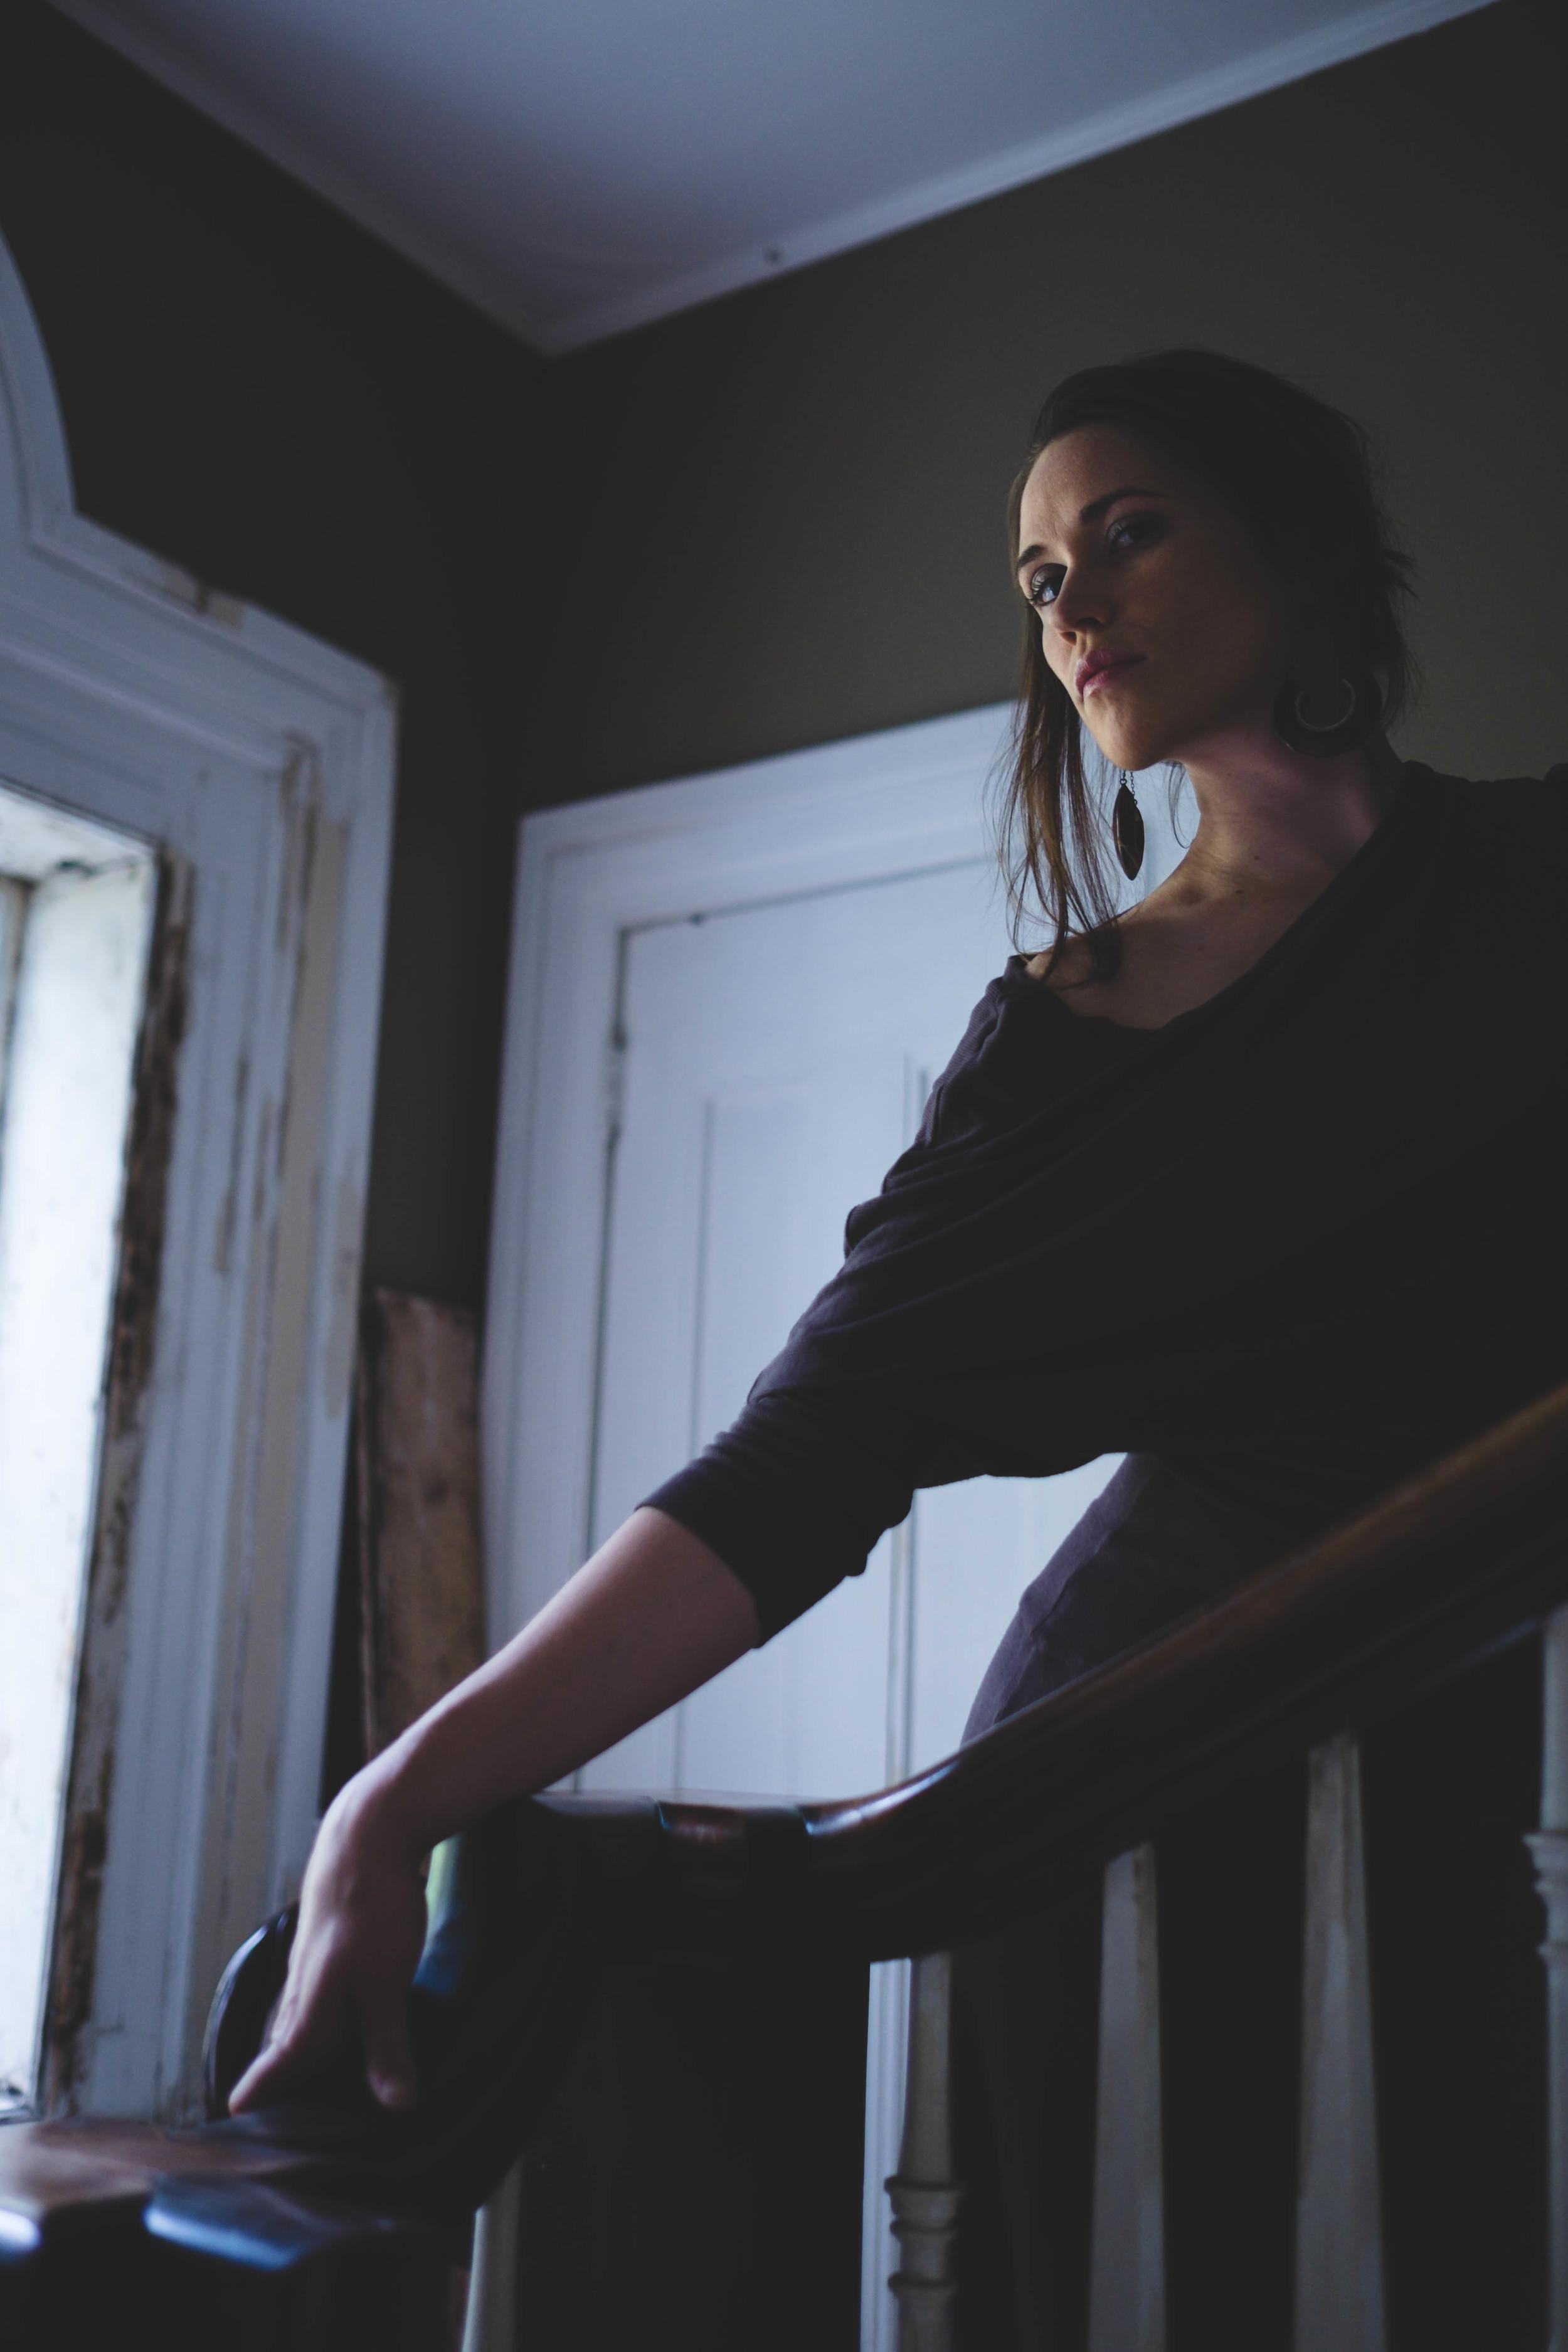 Kristen-Humbert_Philadelphia-Photographer_Lady-House-0807.jpg